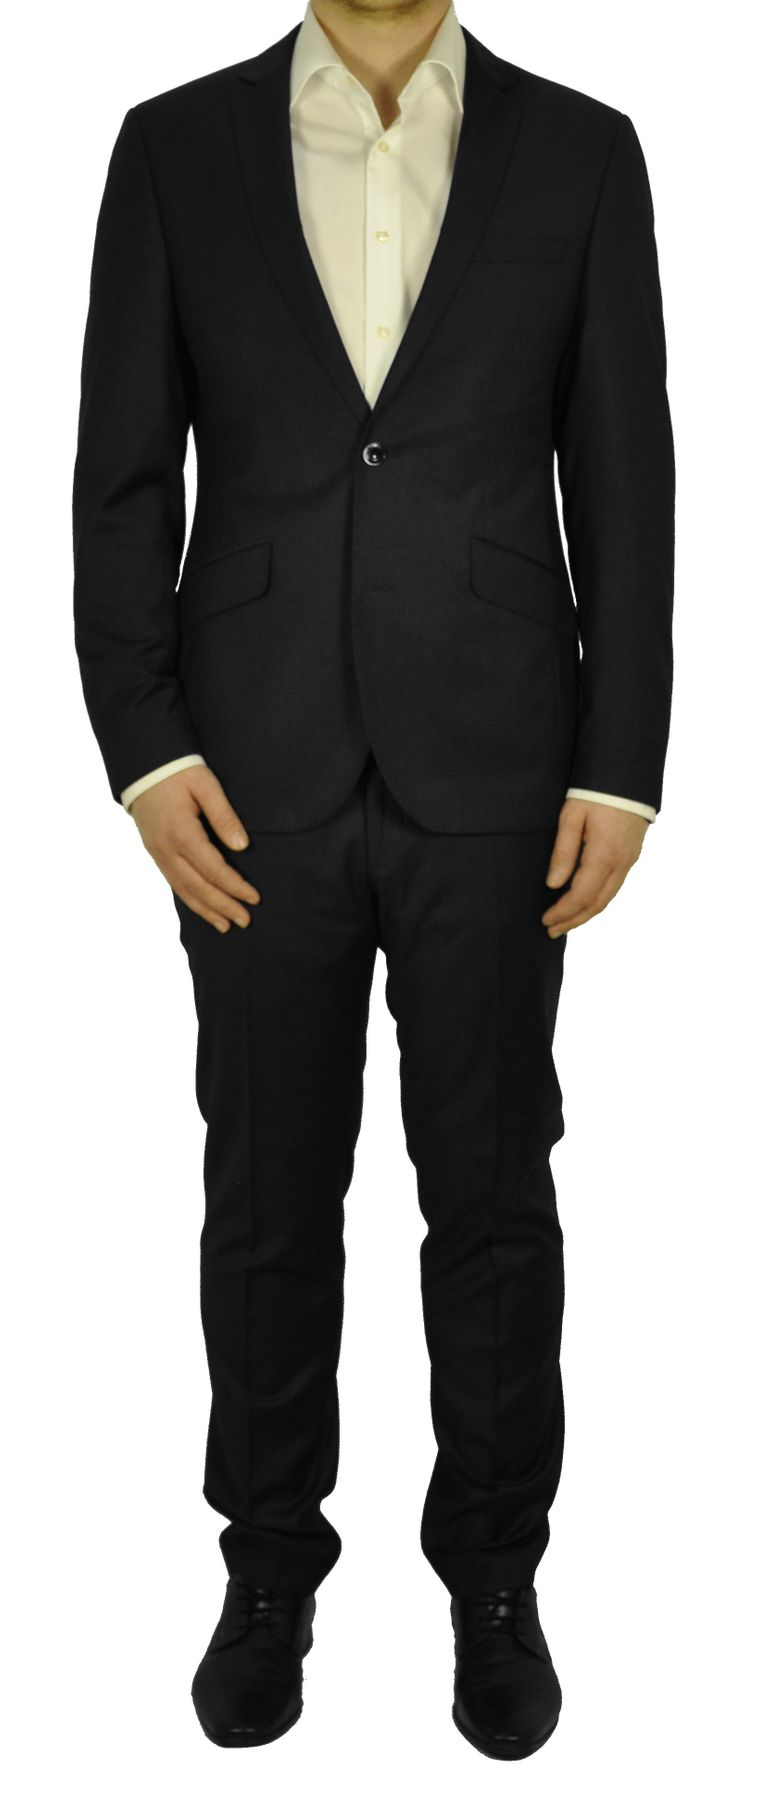 Slim Fit - Herren Anzug in den Farben Schwarz oder Anthrazit, Luca/Elio (821 1612 Form: 3215-01-25/38)